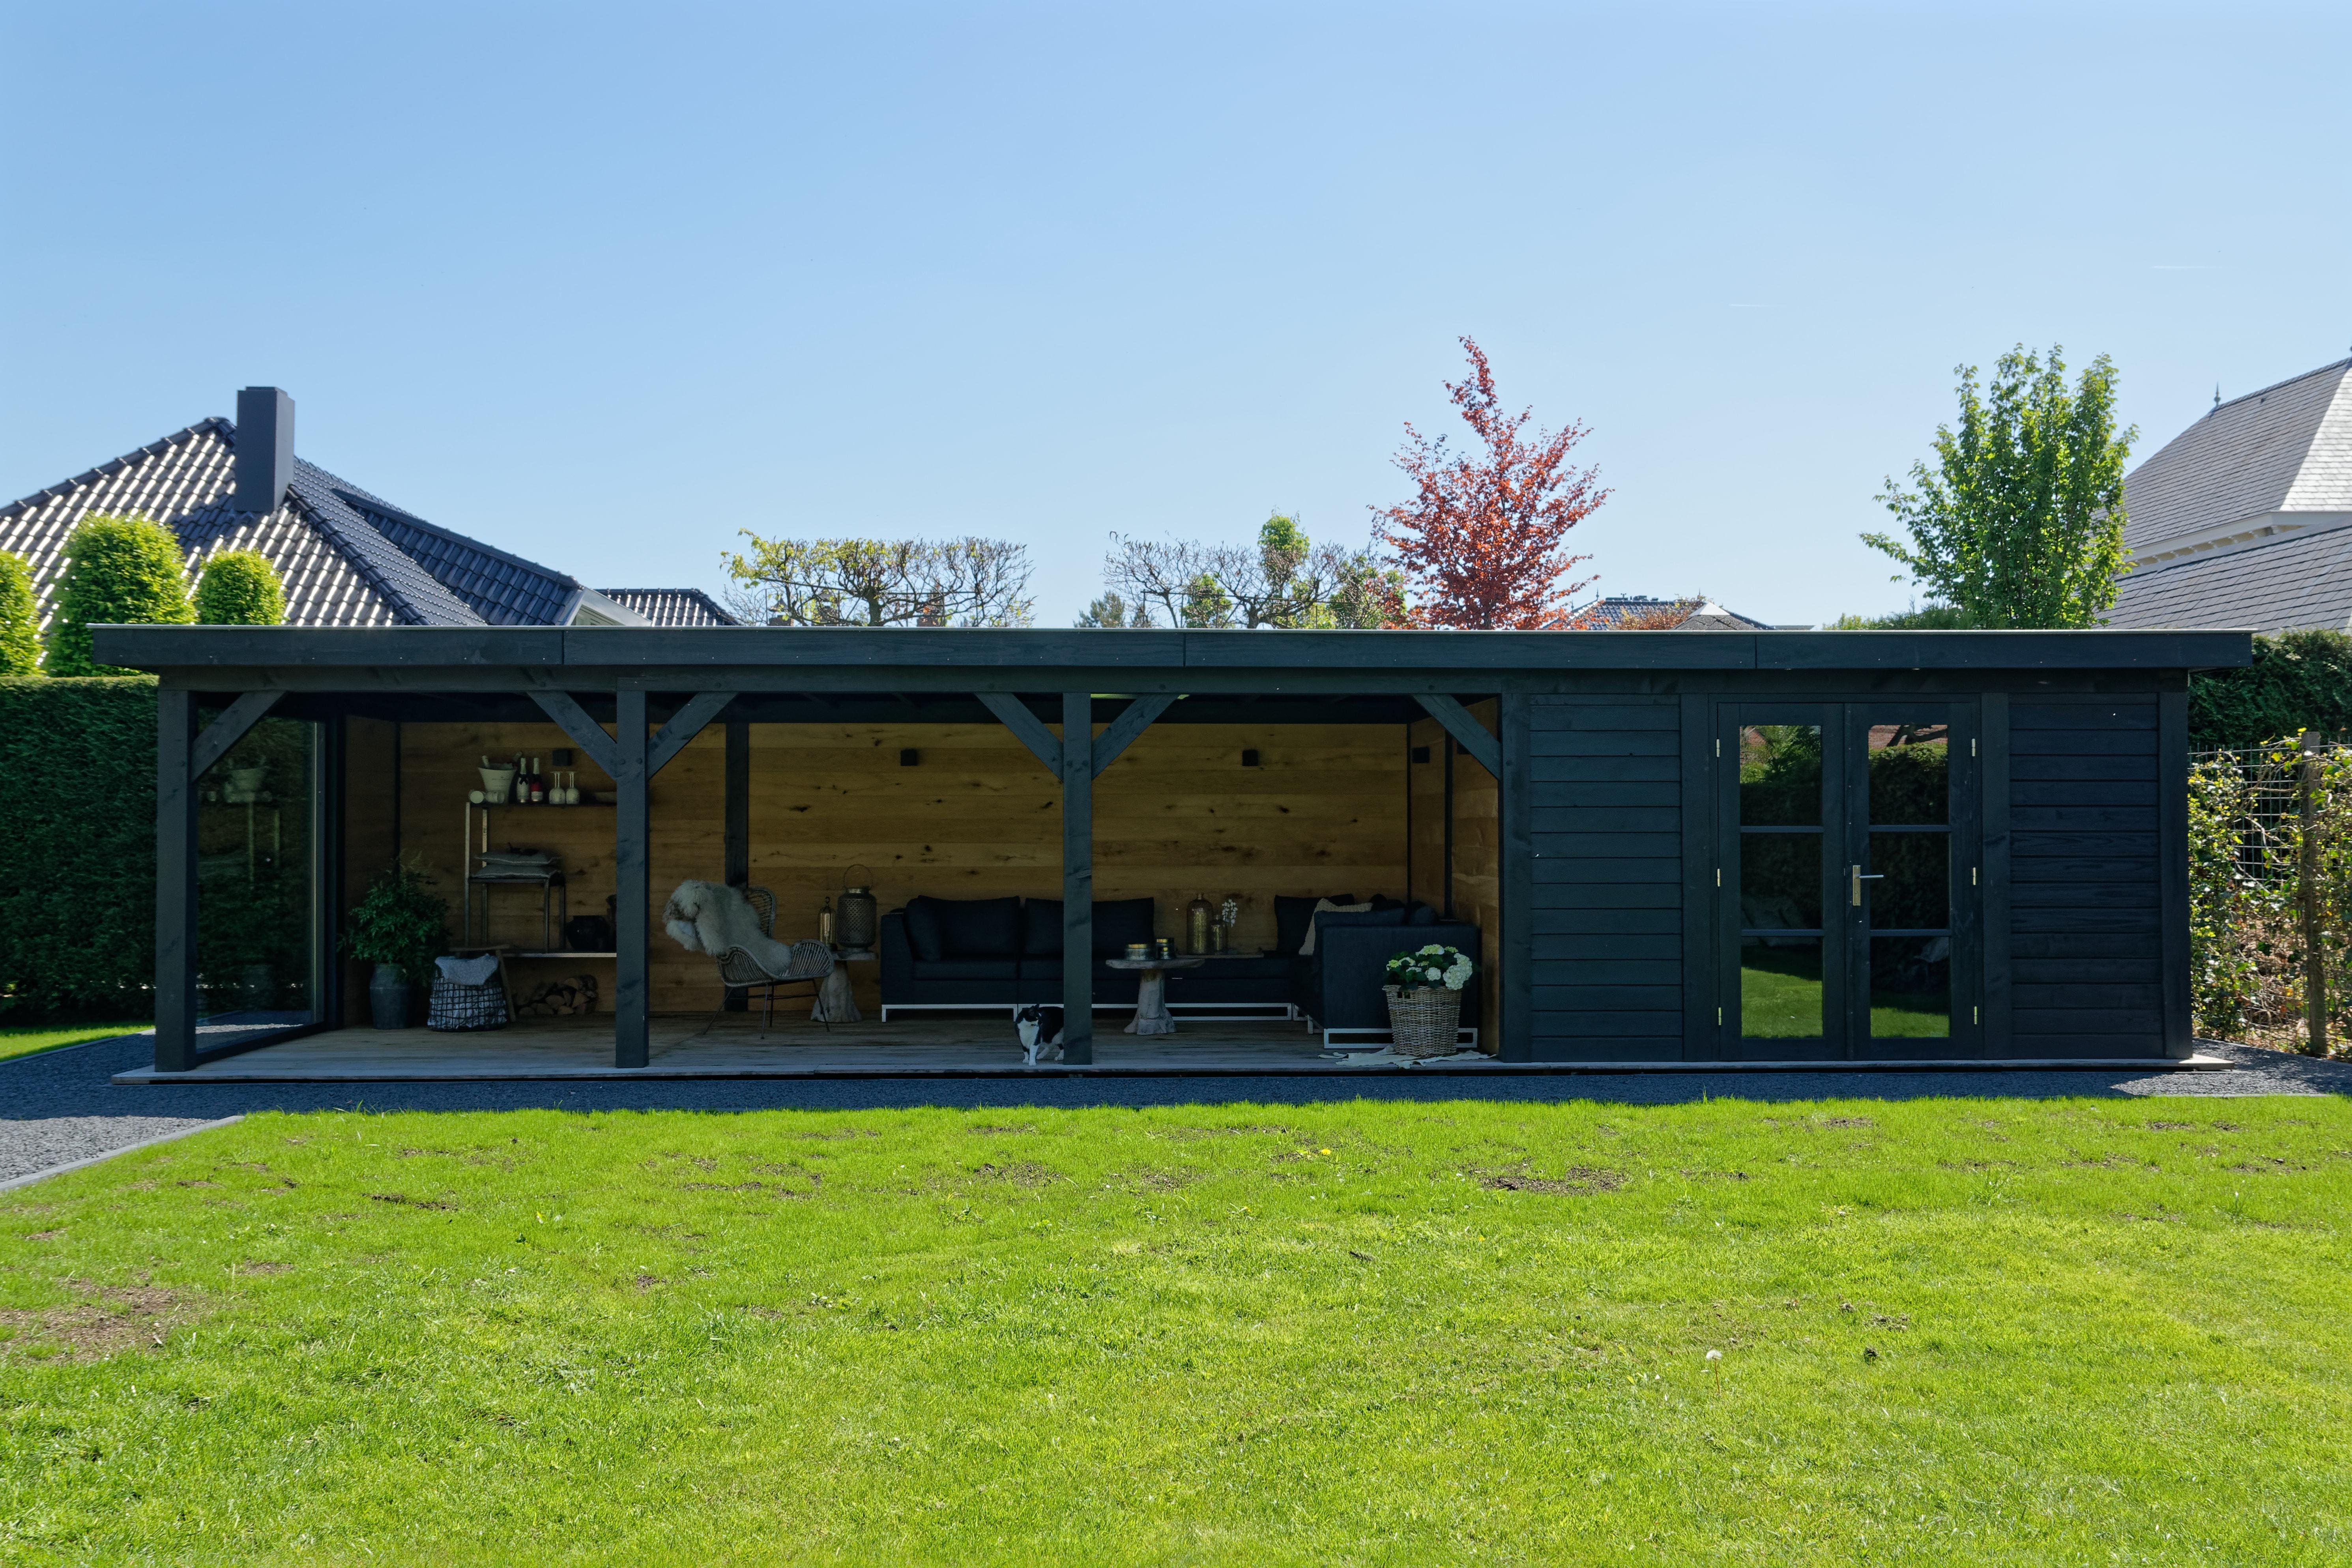 houten-tuinkamer-11 - Project Bleiswijk: Luxe tuinhuis met tuinkamer platdak.